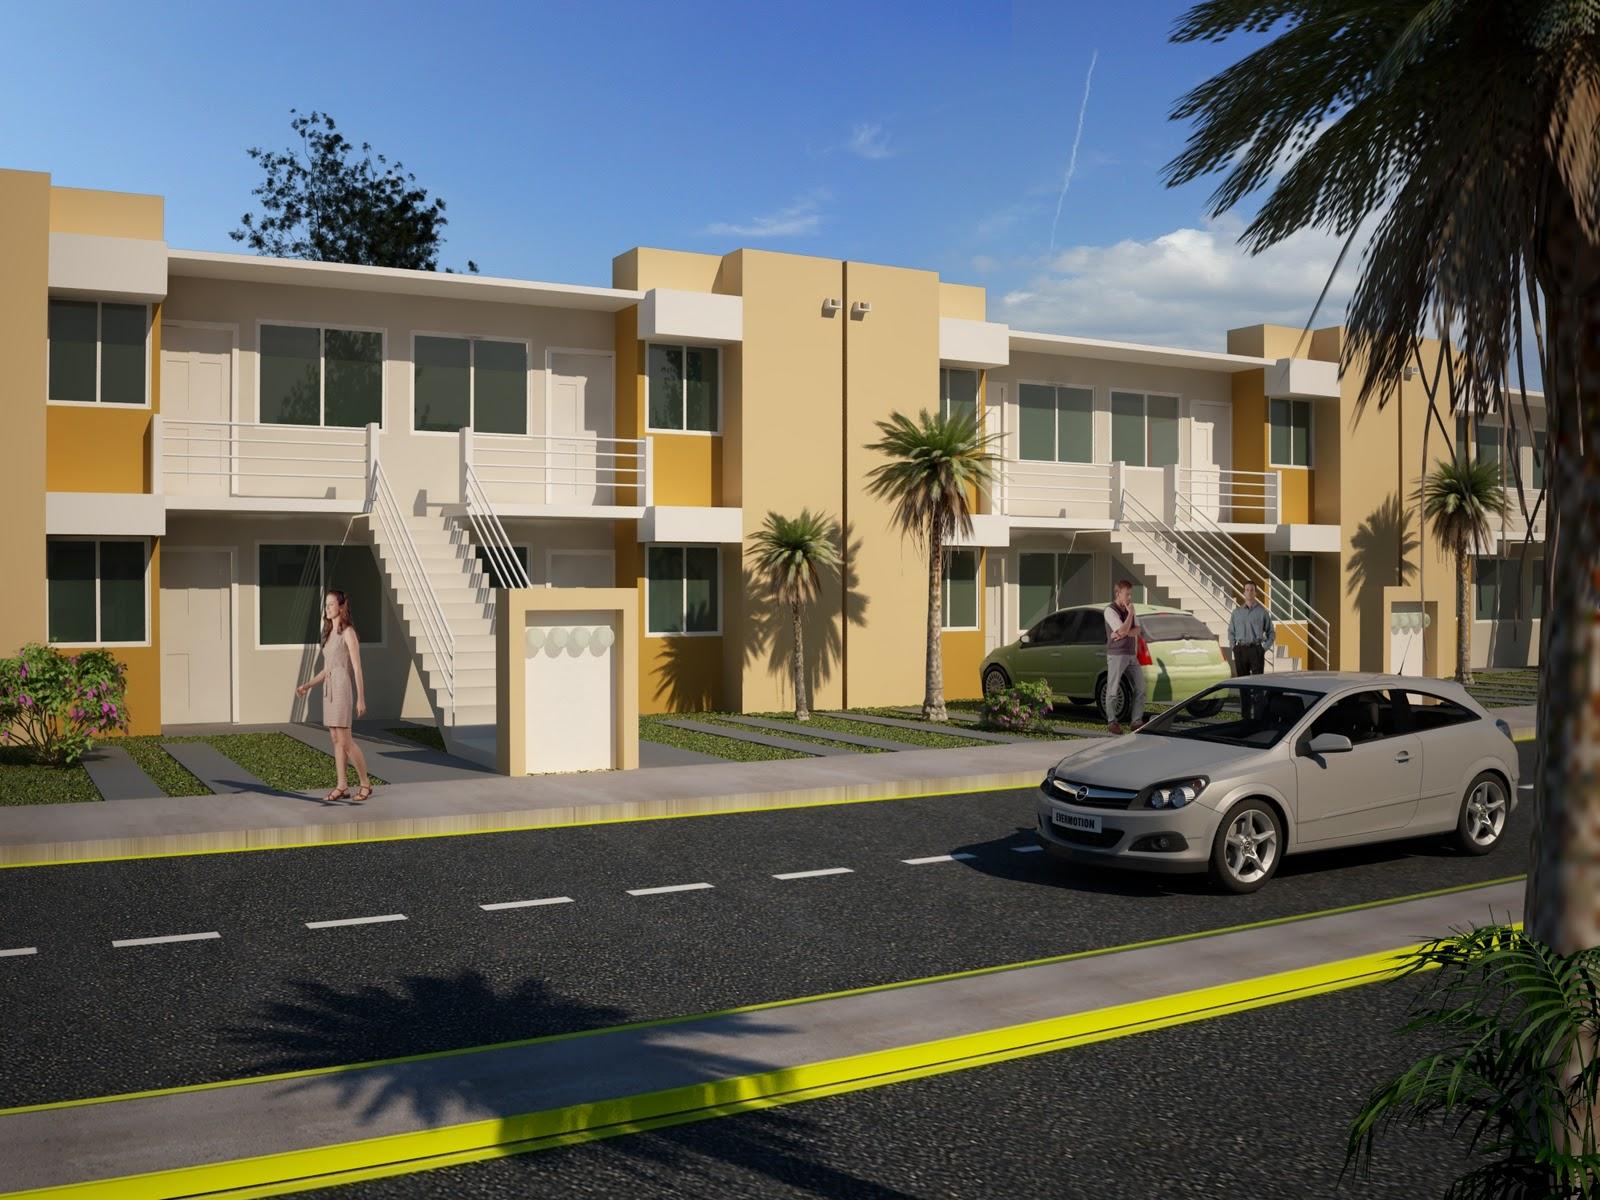 Casas modeladas en revit architecture renders en 3ds max for Casa moderna revit